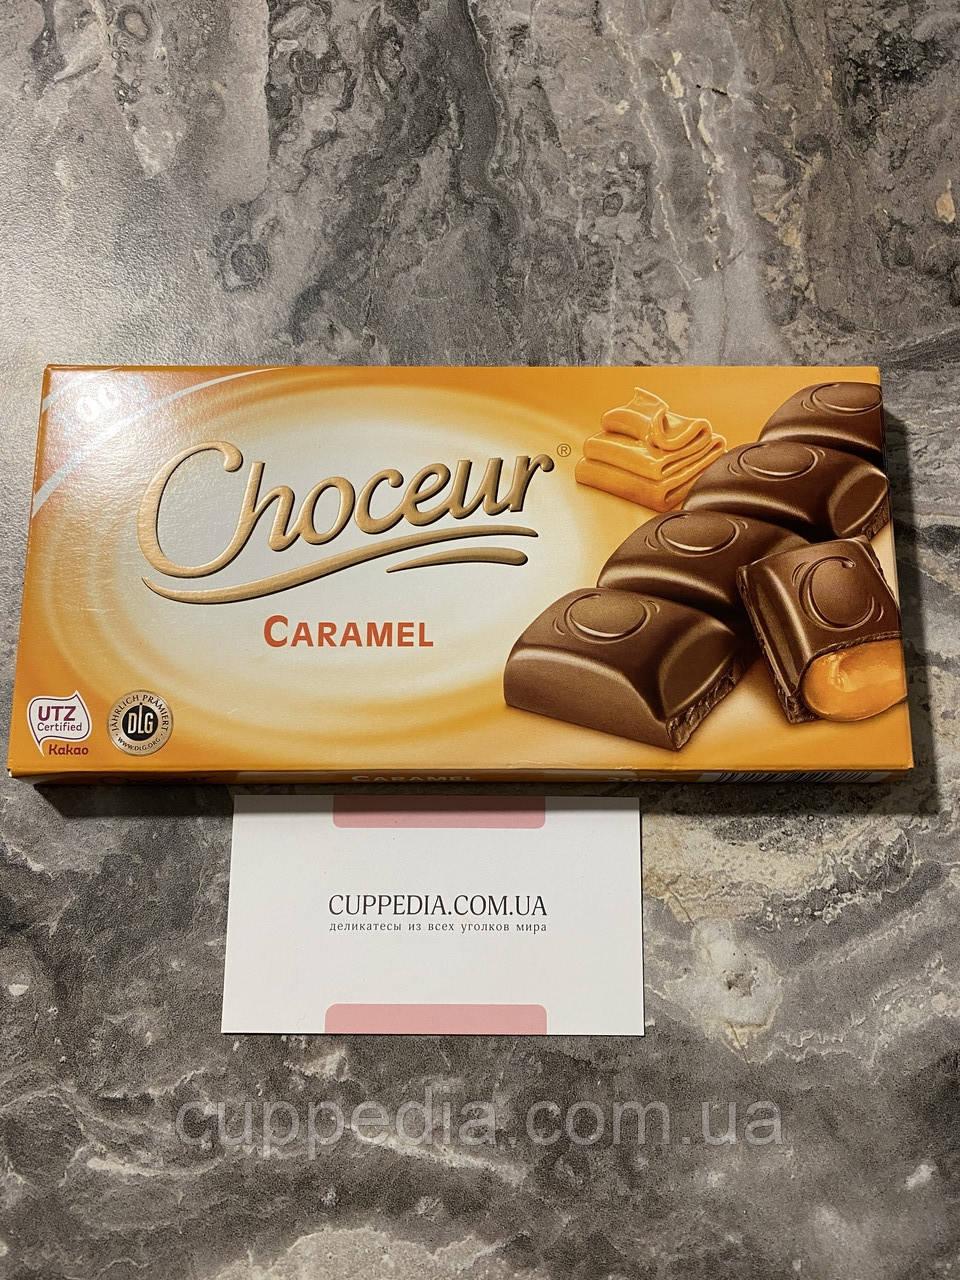 Молочный шоколад Choceur caramel с нежной карамелью 200 грм